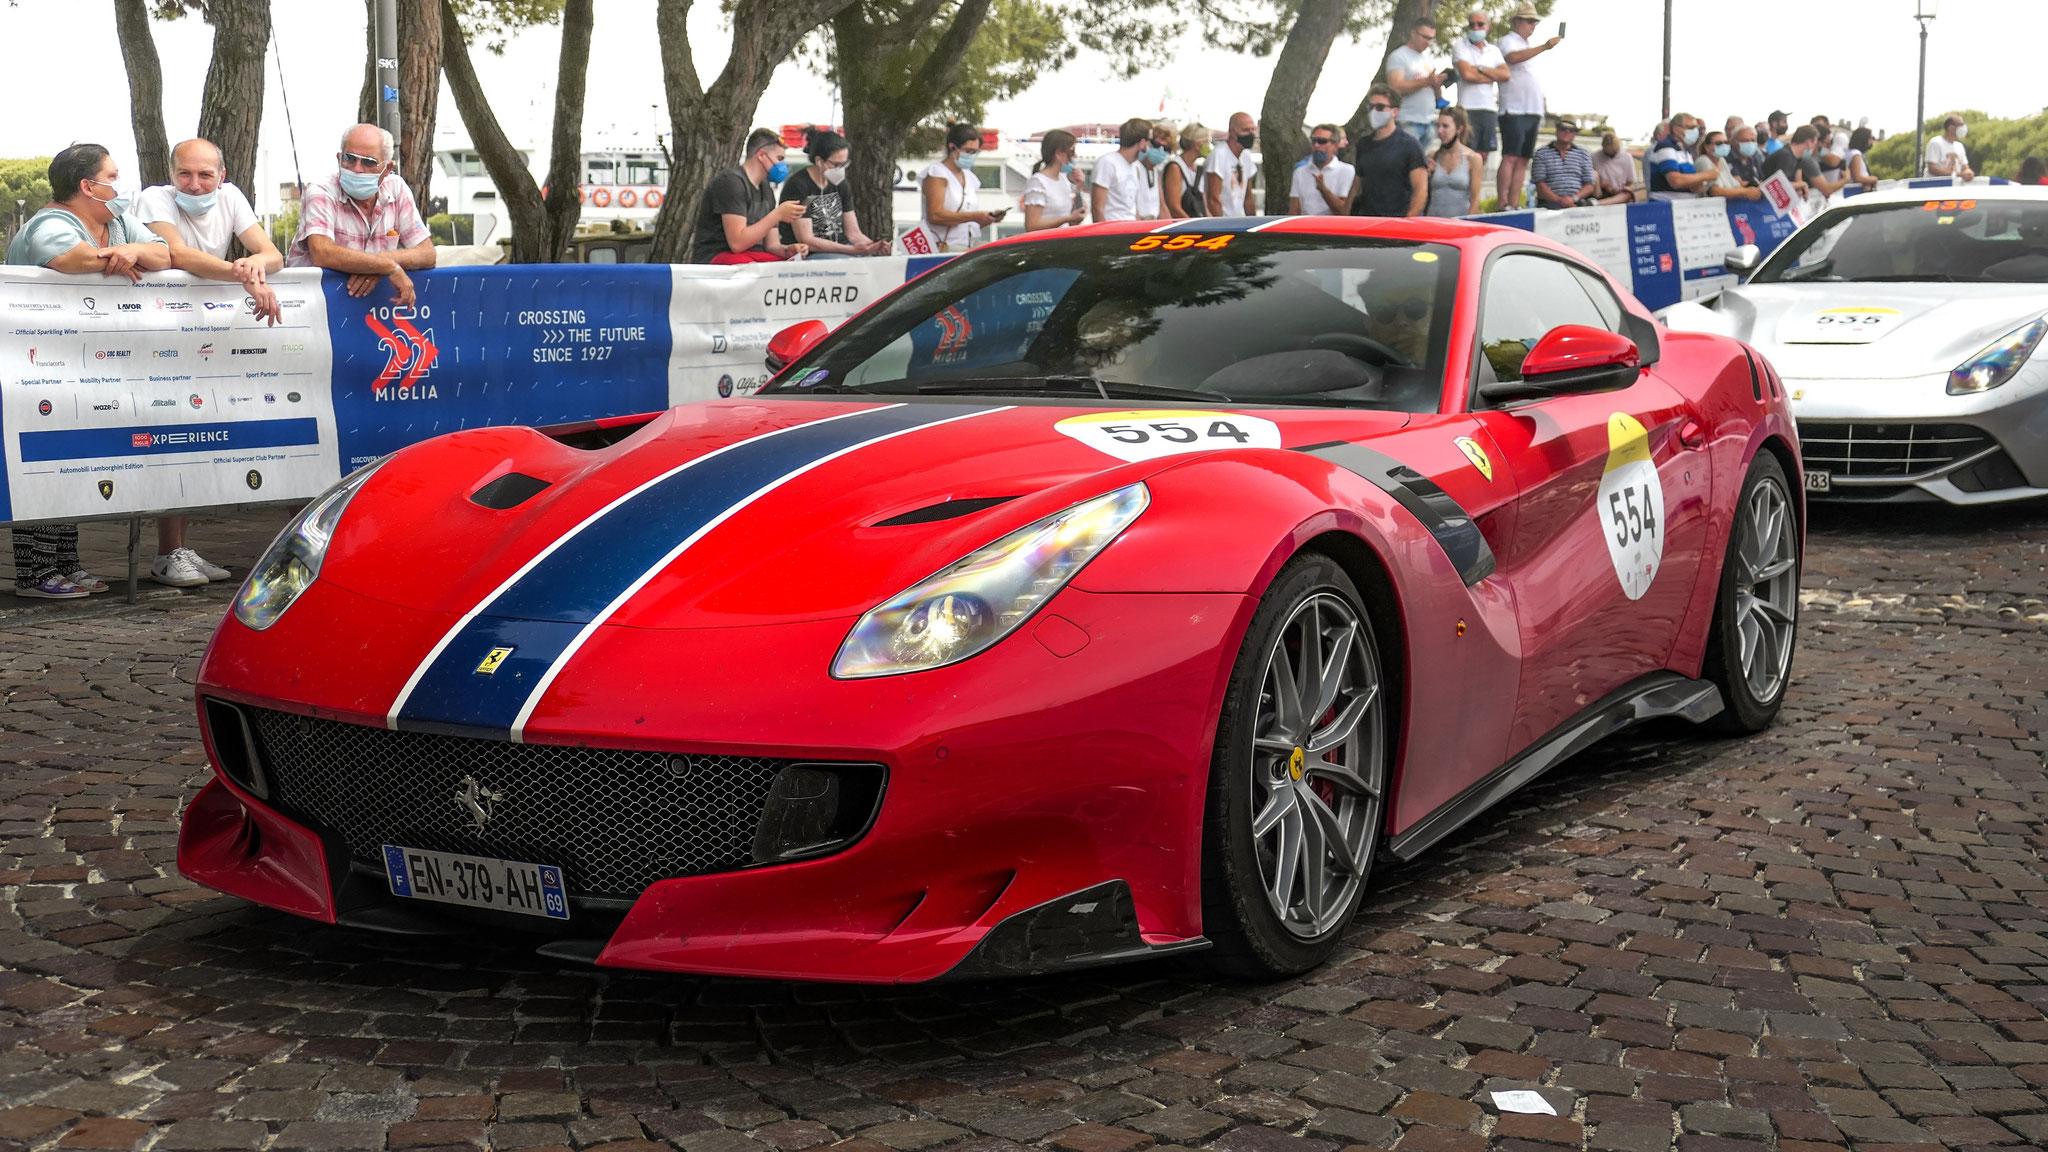 Ferrari F12 TDF - EN-379-AH-69 (FRA)